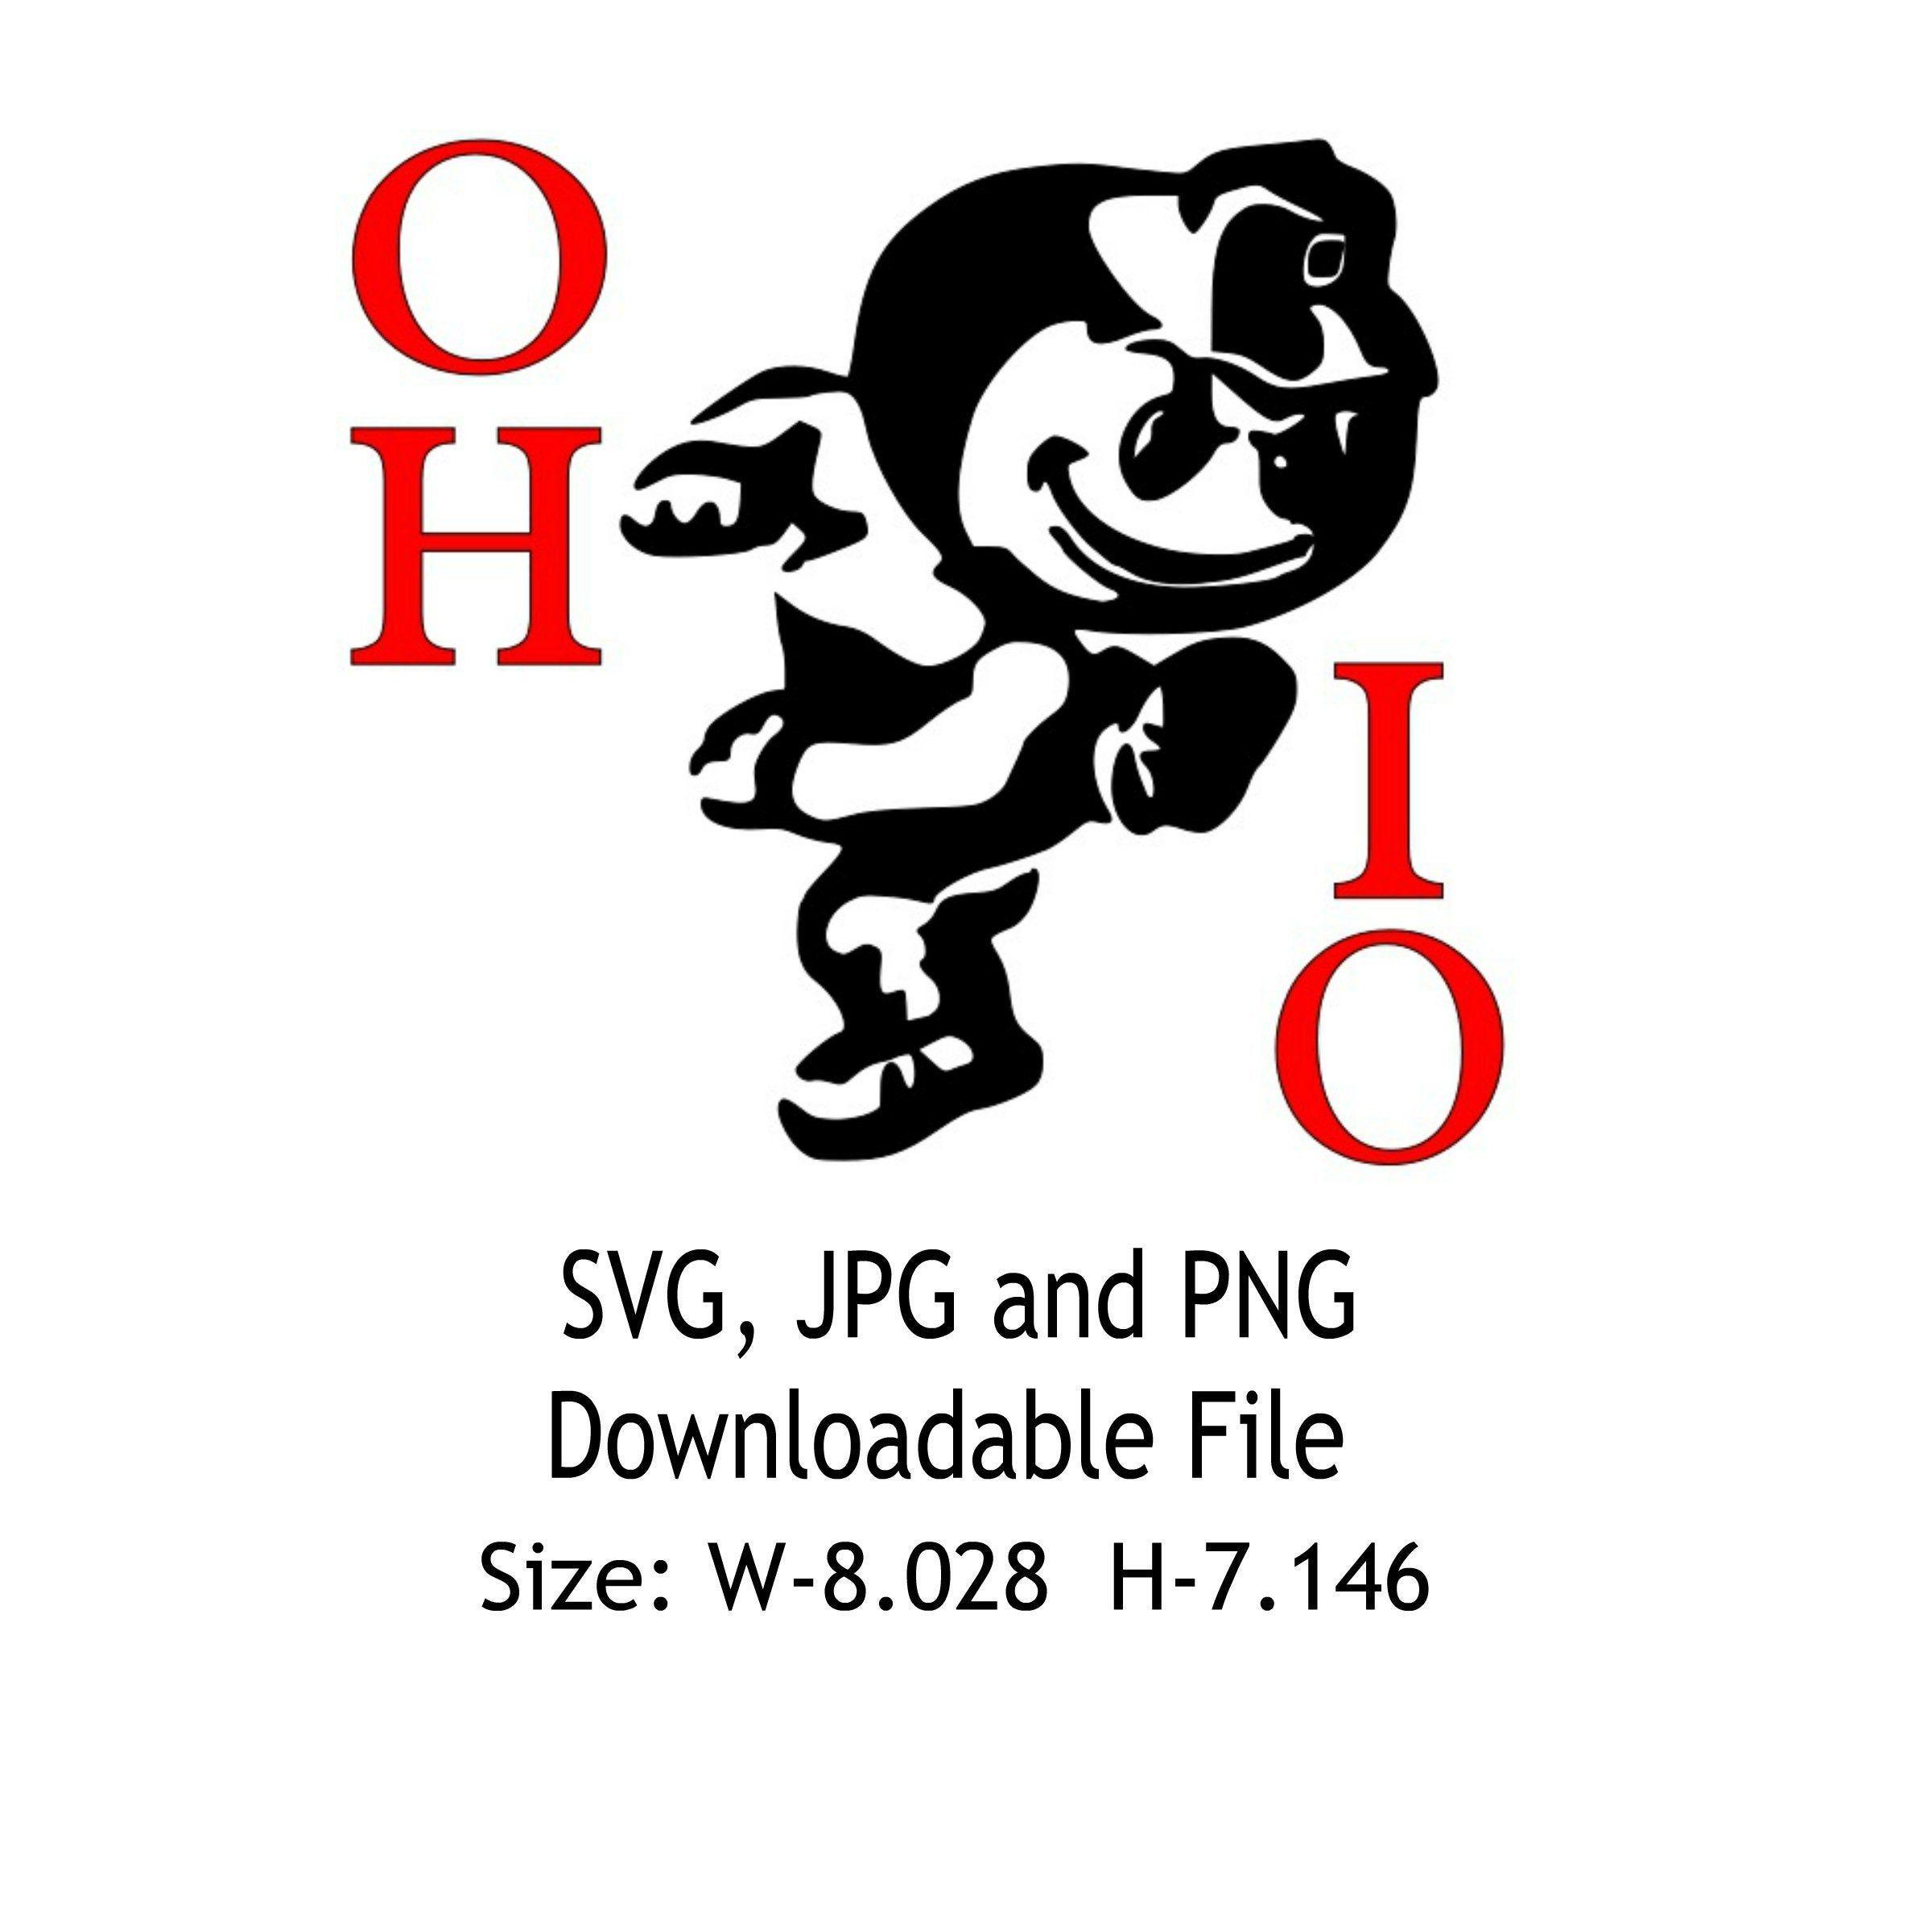 Go Bucks Vinyl Decal Osu Ohio State Buckeye Decal For Car Etsy